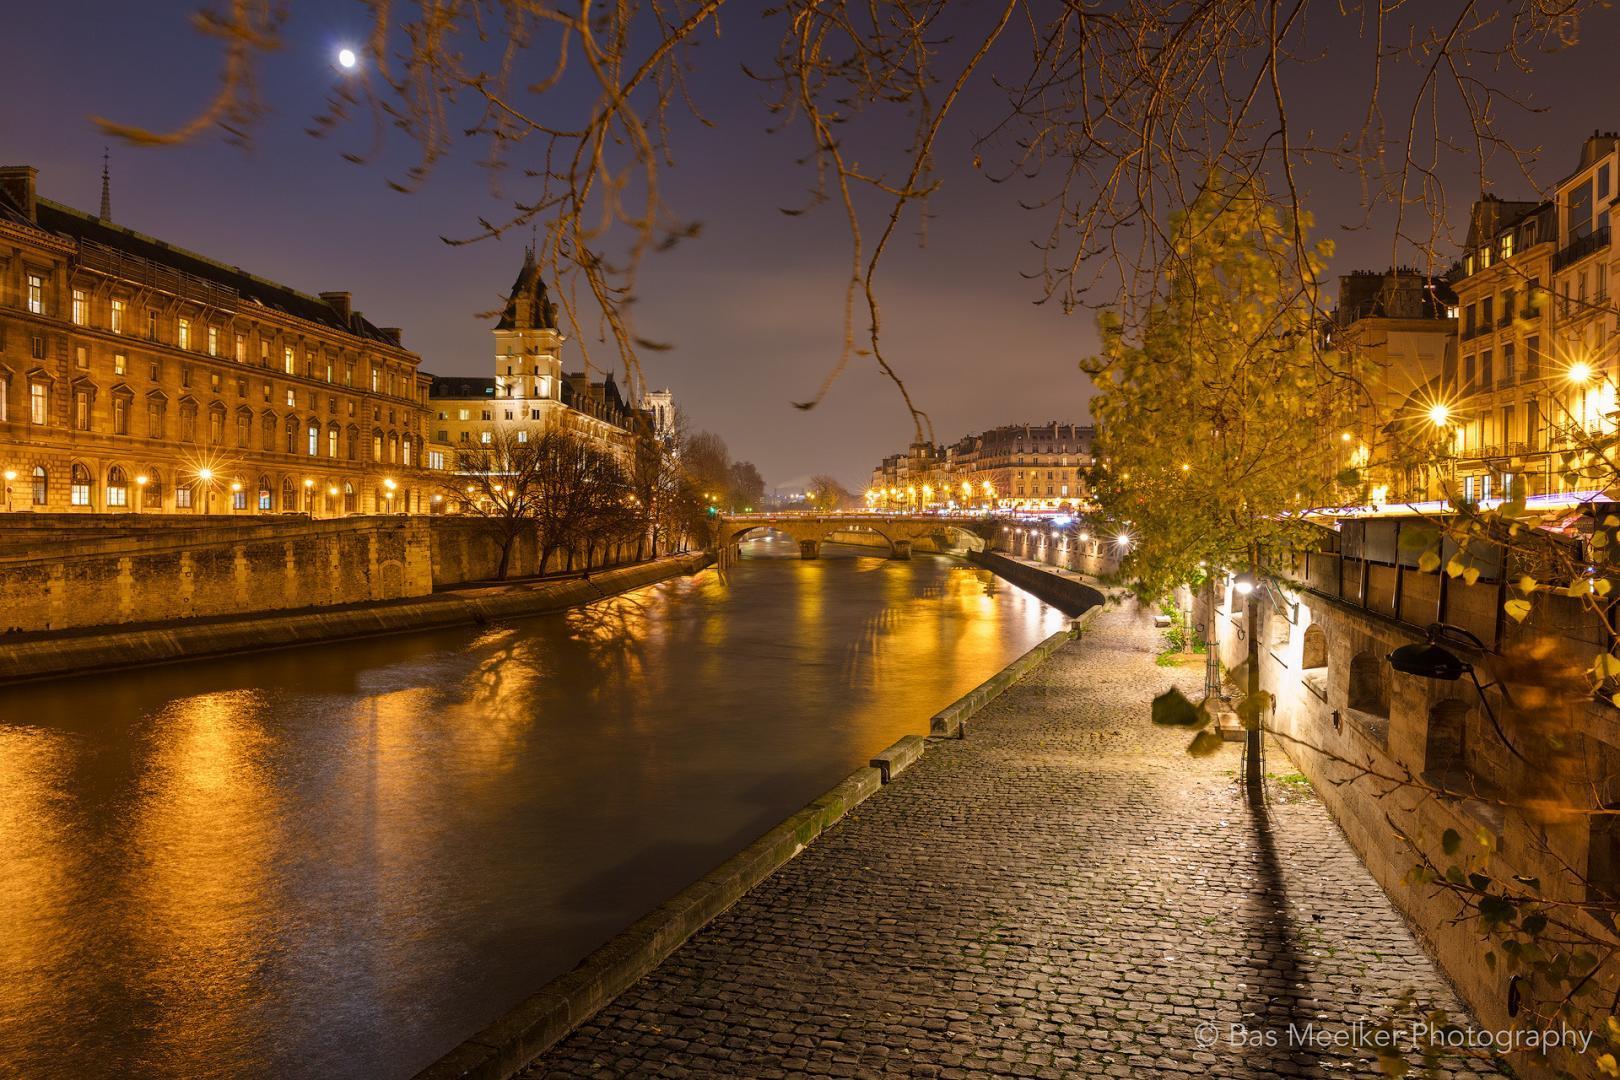 Parijs bij nacht met ene blik op de Seine - Bas Meelker landschapsfotografie